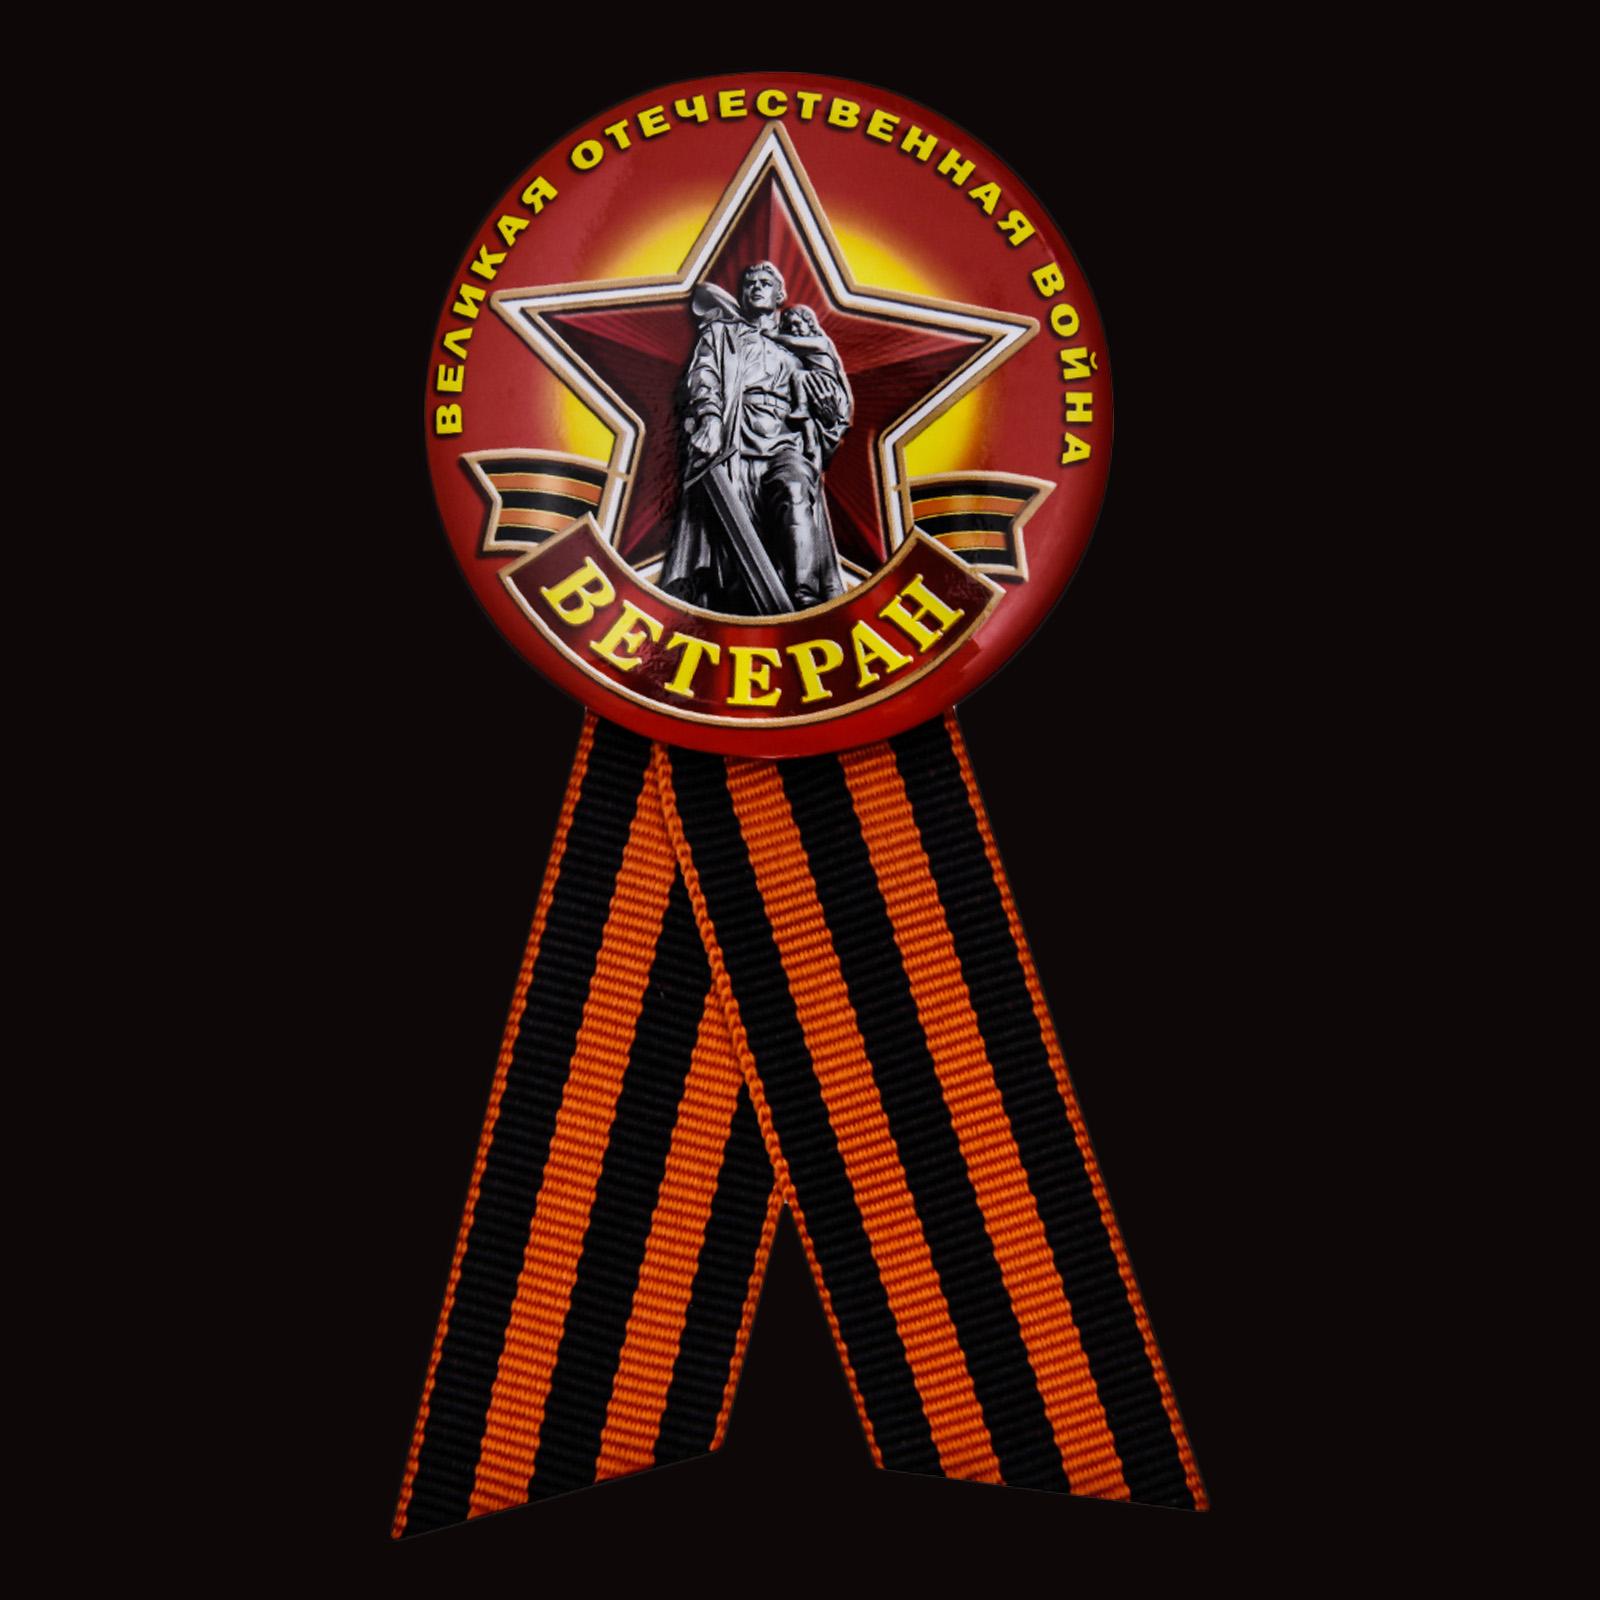 Юбилейный значок «Ветеран ВОВ» в Военпро